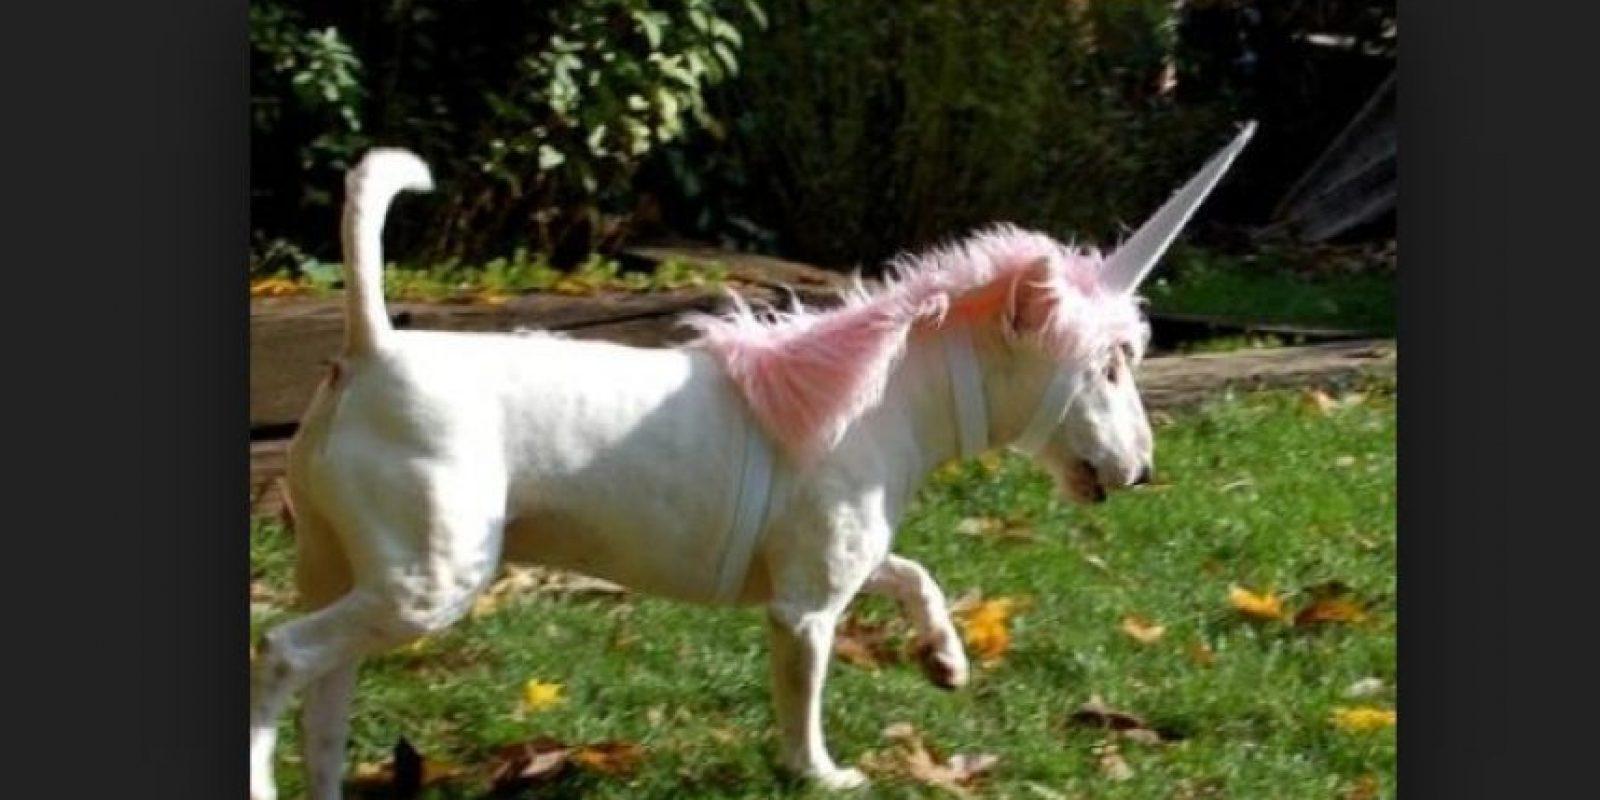 """No hay nada más extraño que ver a un """"unicornio"""" correr en la pradera. Foto:Tumblr.com/Tagged-costumes-pets"""